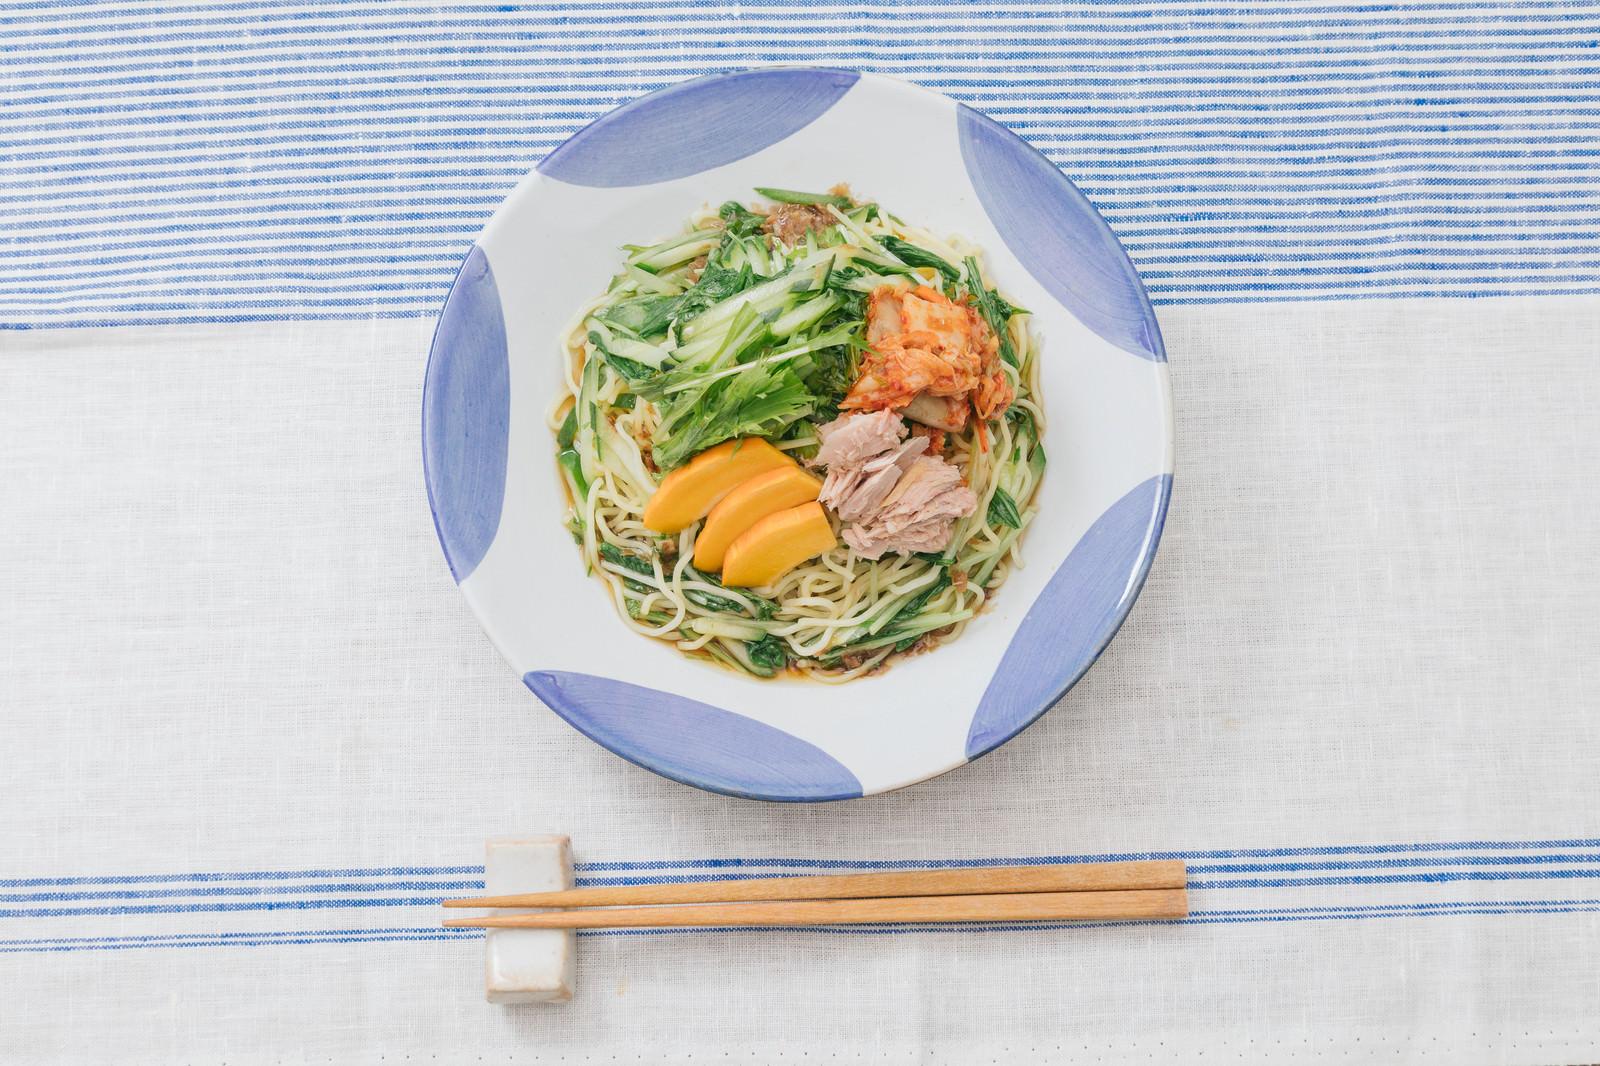 「さっぱりとダシのきいたタレ、大盛り食べても330kcalの冷やし中華」